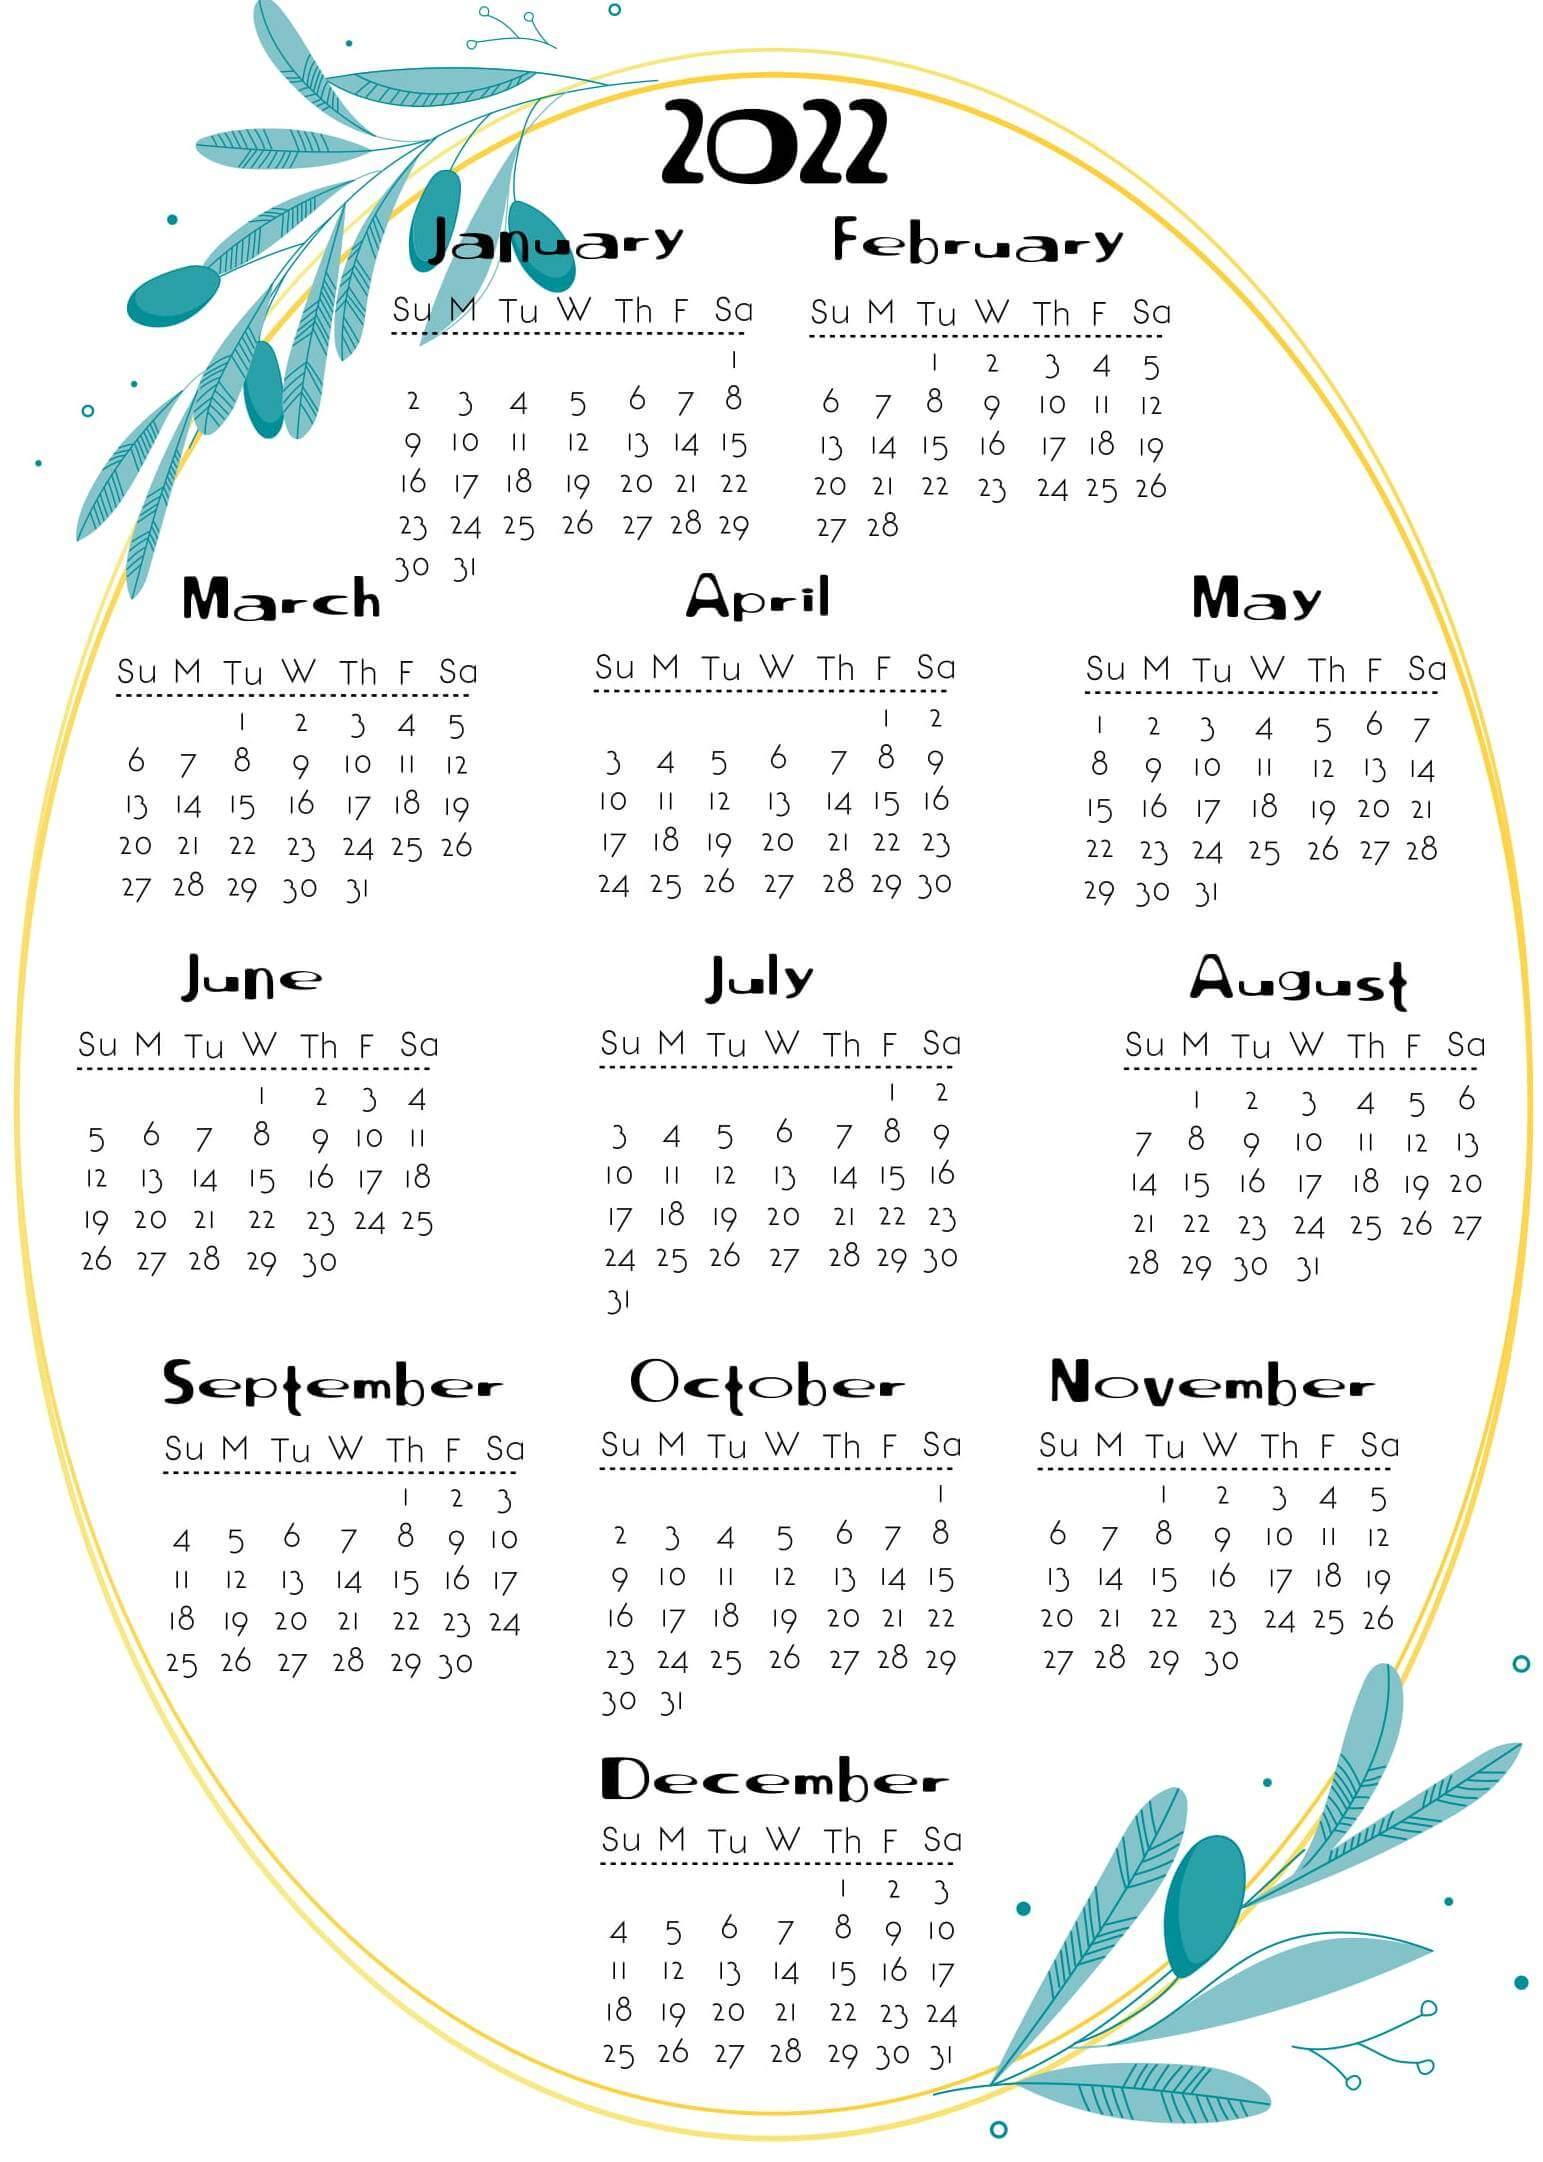 New Year Calendar 2021 PDF